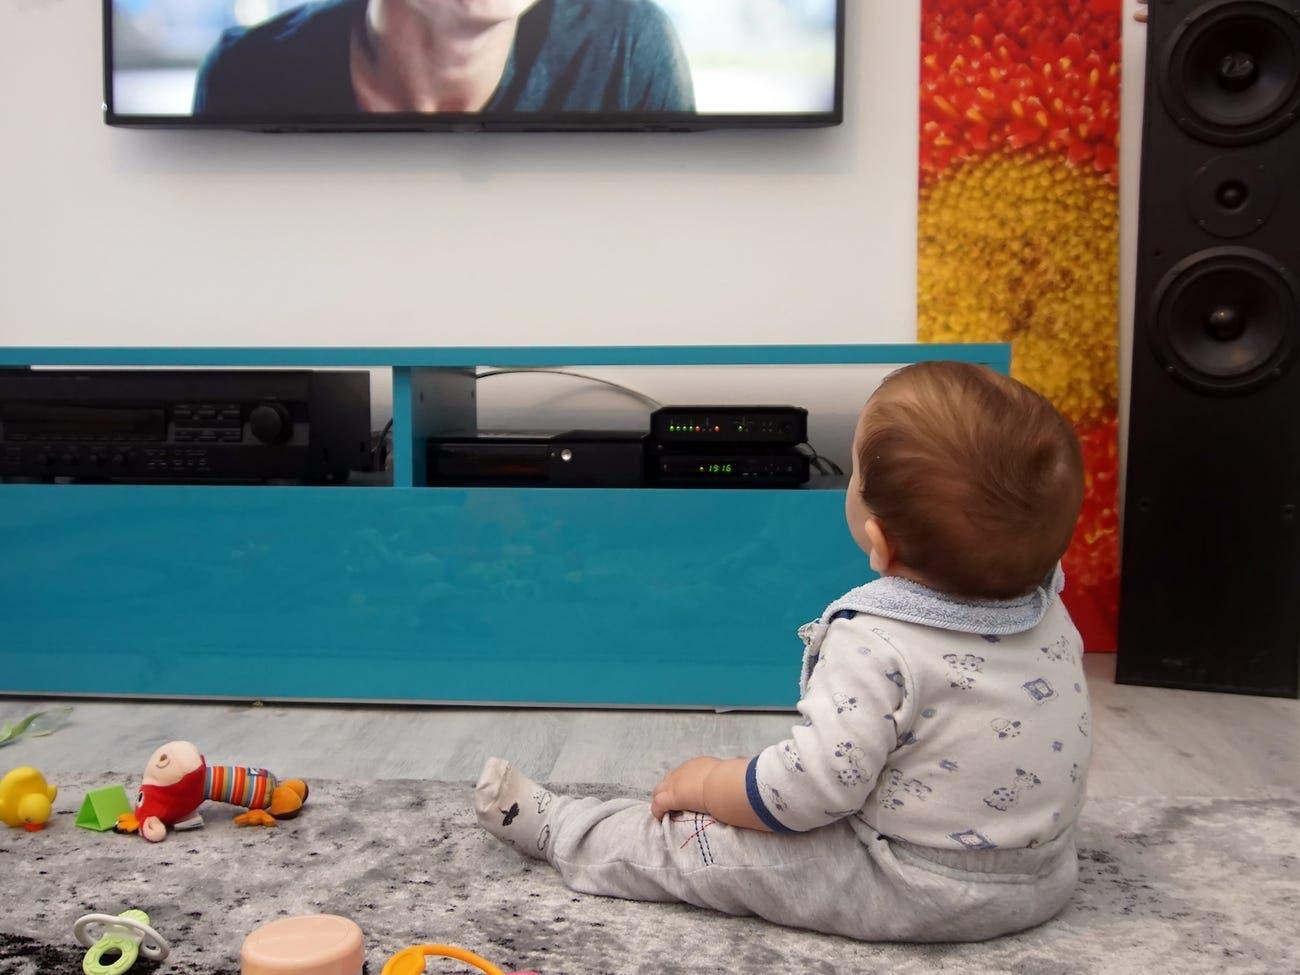 enfant tv